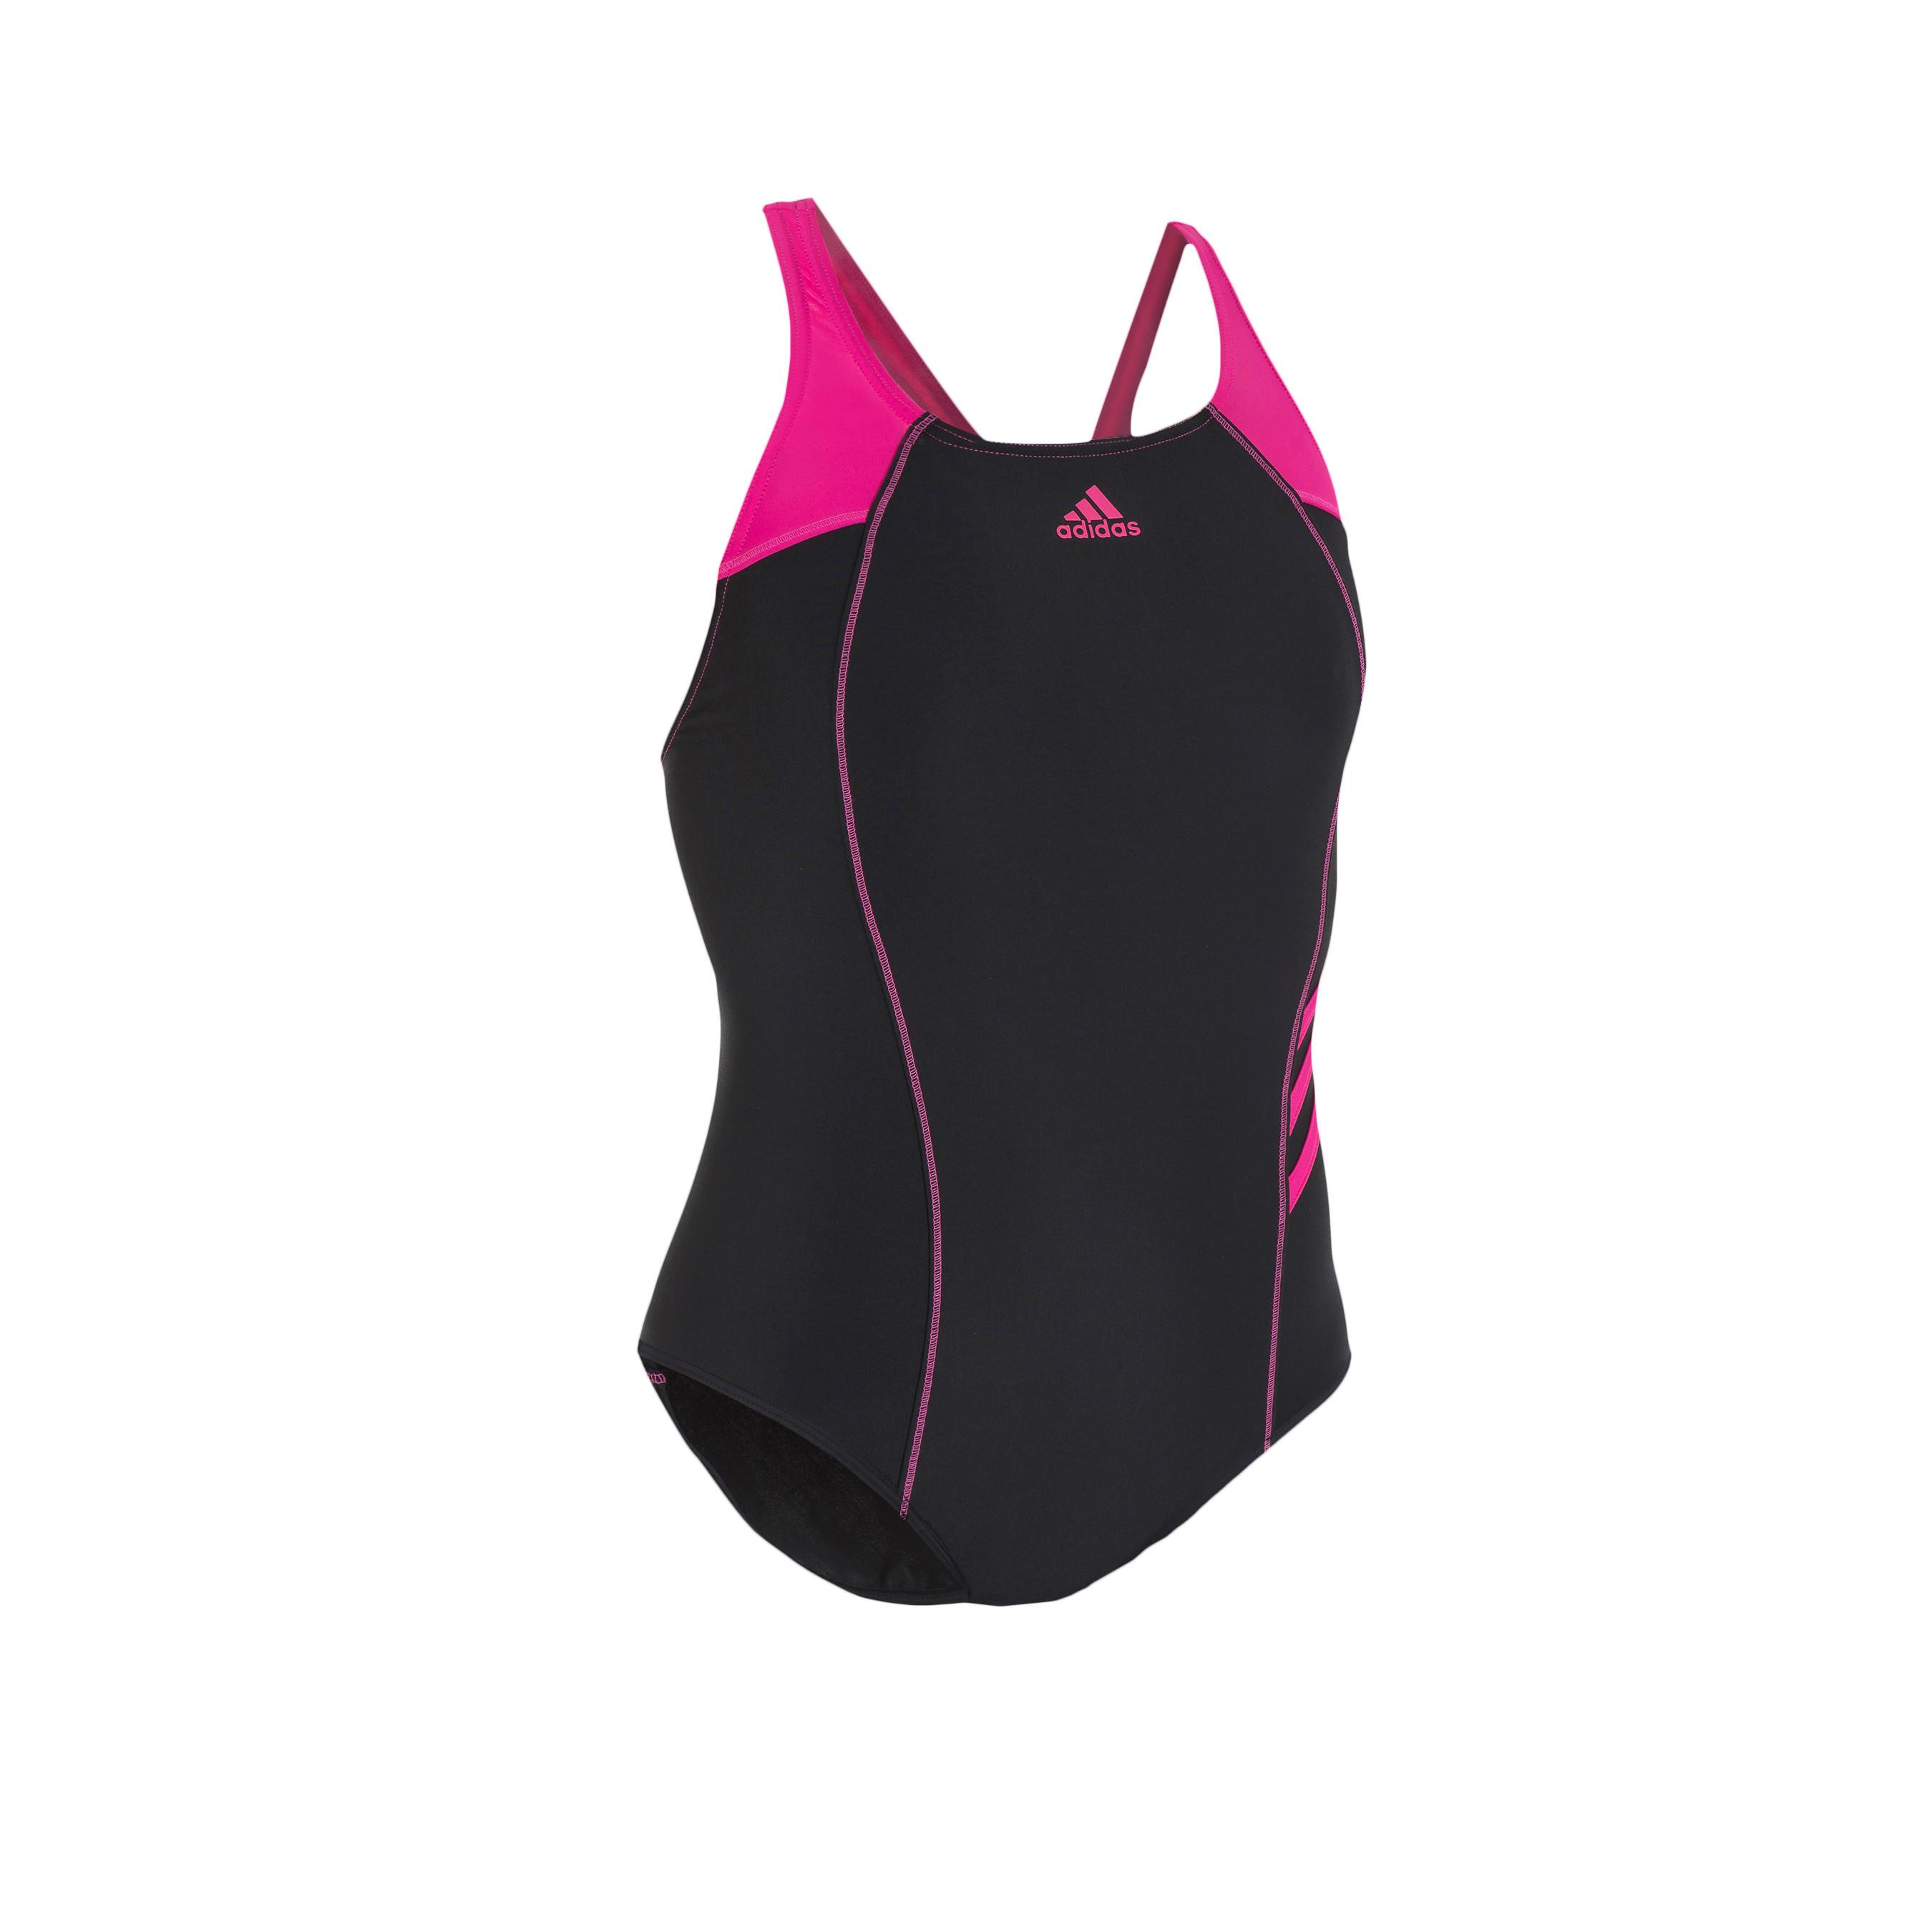 Une Black De Maillot Femme Adidas 3s Shored Bain Pièce N8kX0OnPw